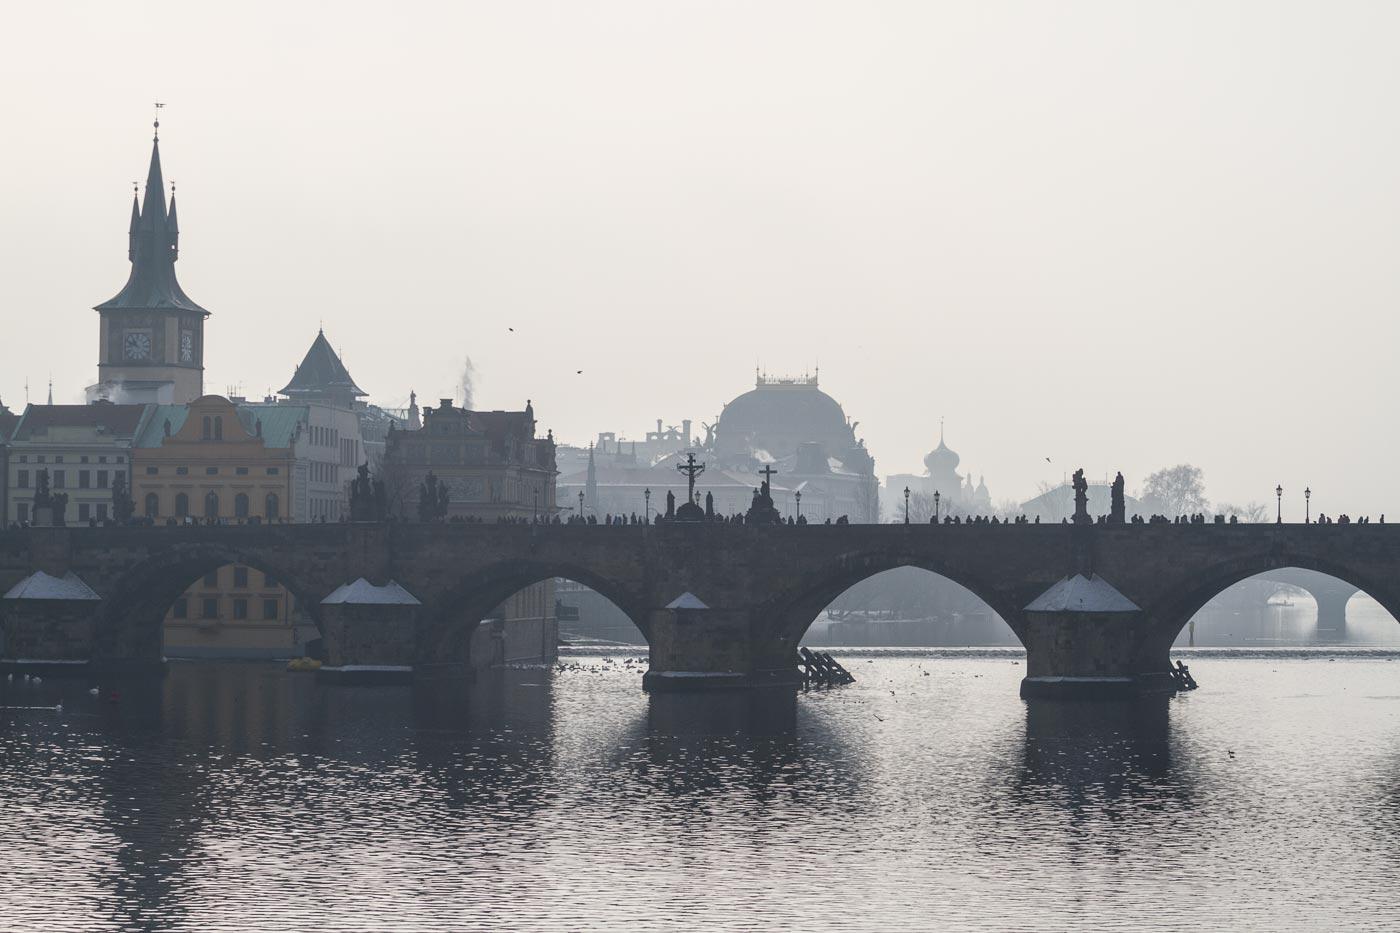 Туманный день на Влтаве, Карлов мост